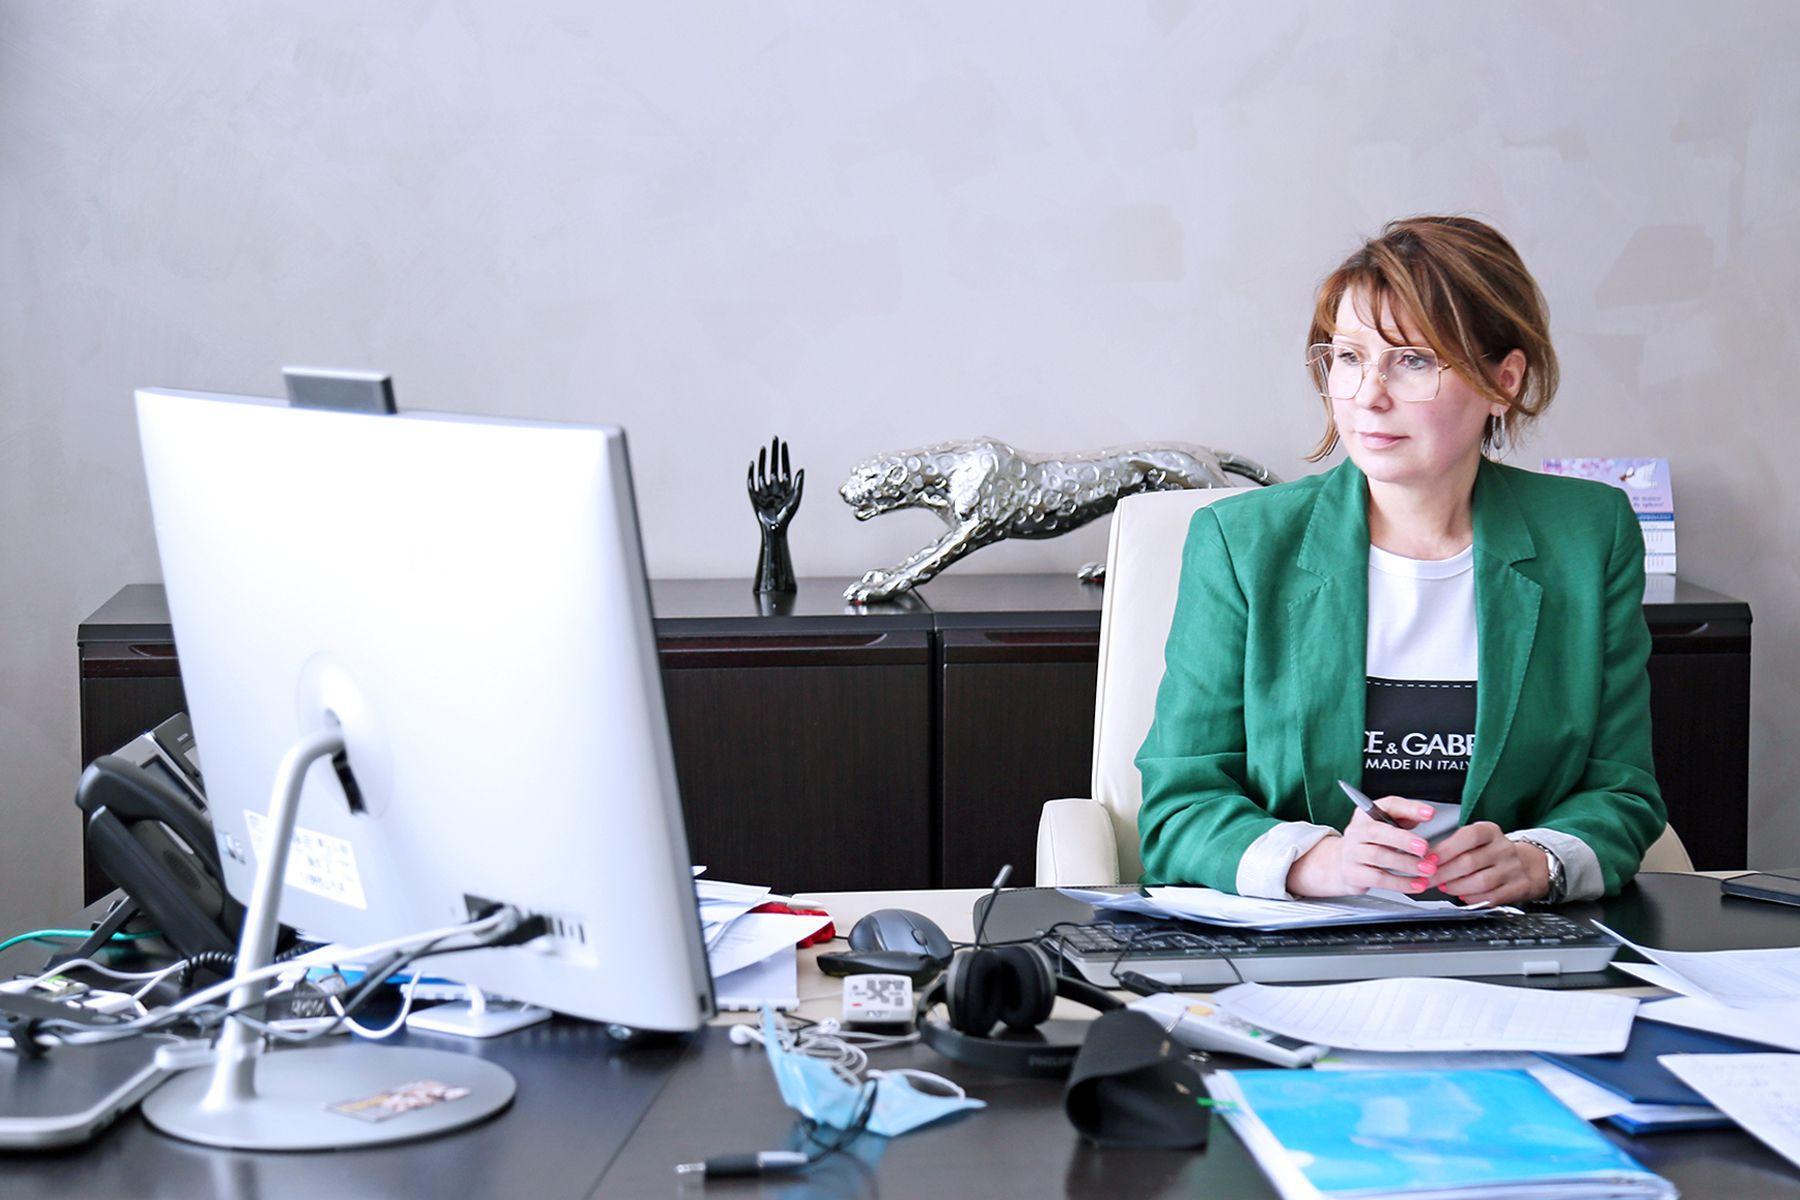 ВГУЭС совершенствует методы оценки качества работы преподавателей